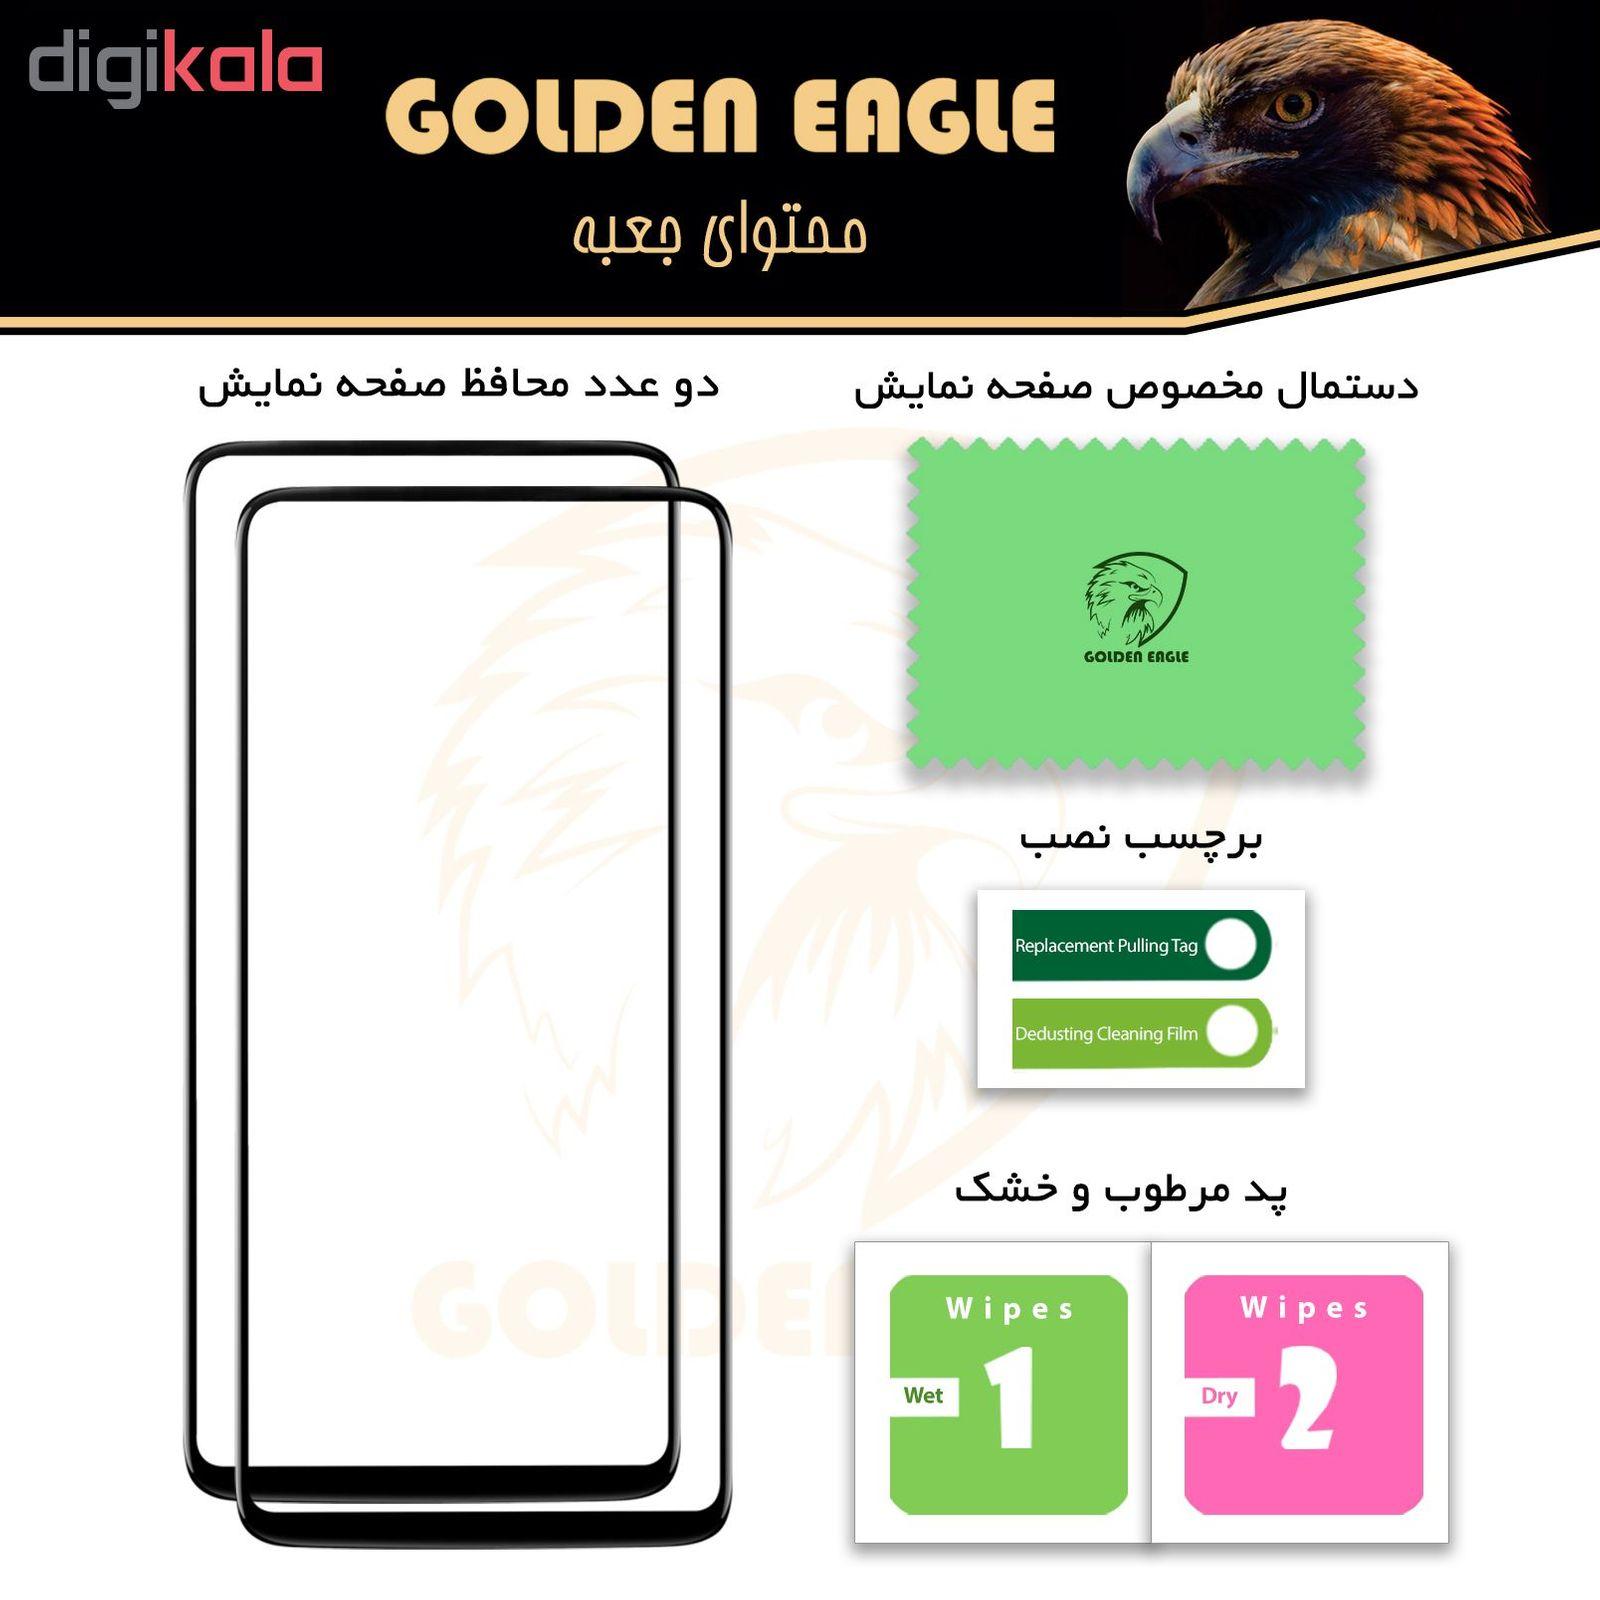 محافظ صفحه نمایش گلدن ایگل مدل DFC-X2 مناسب برای گوشی موبایل سامسونگ Galaxy A7 2017 بسته دو عددی main 1 3